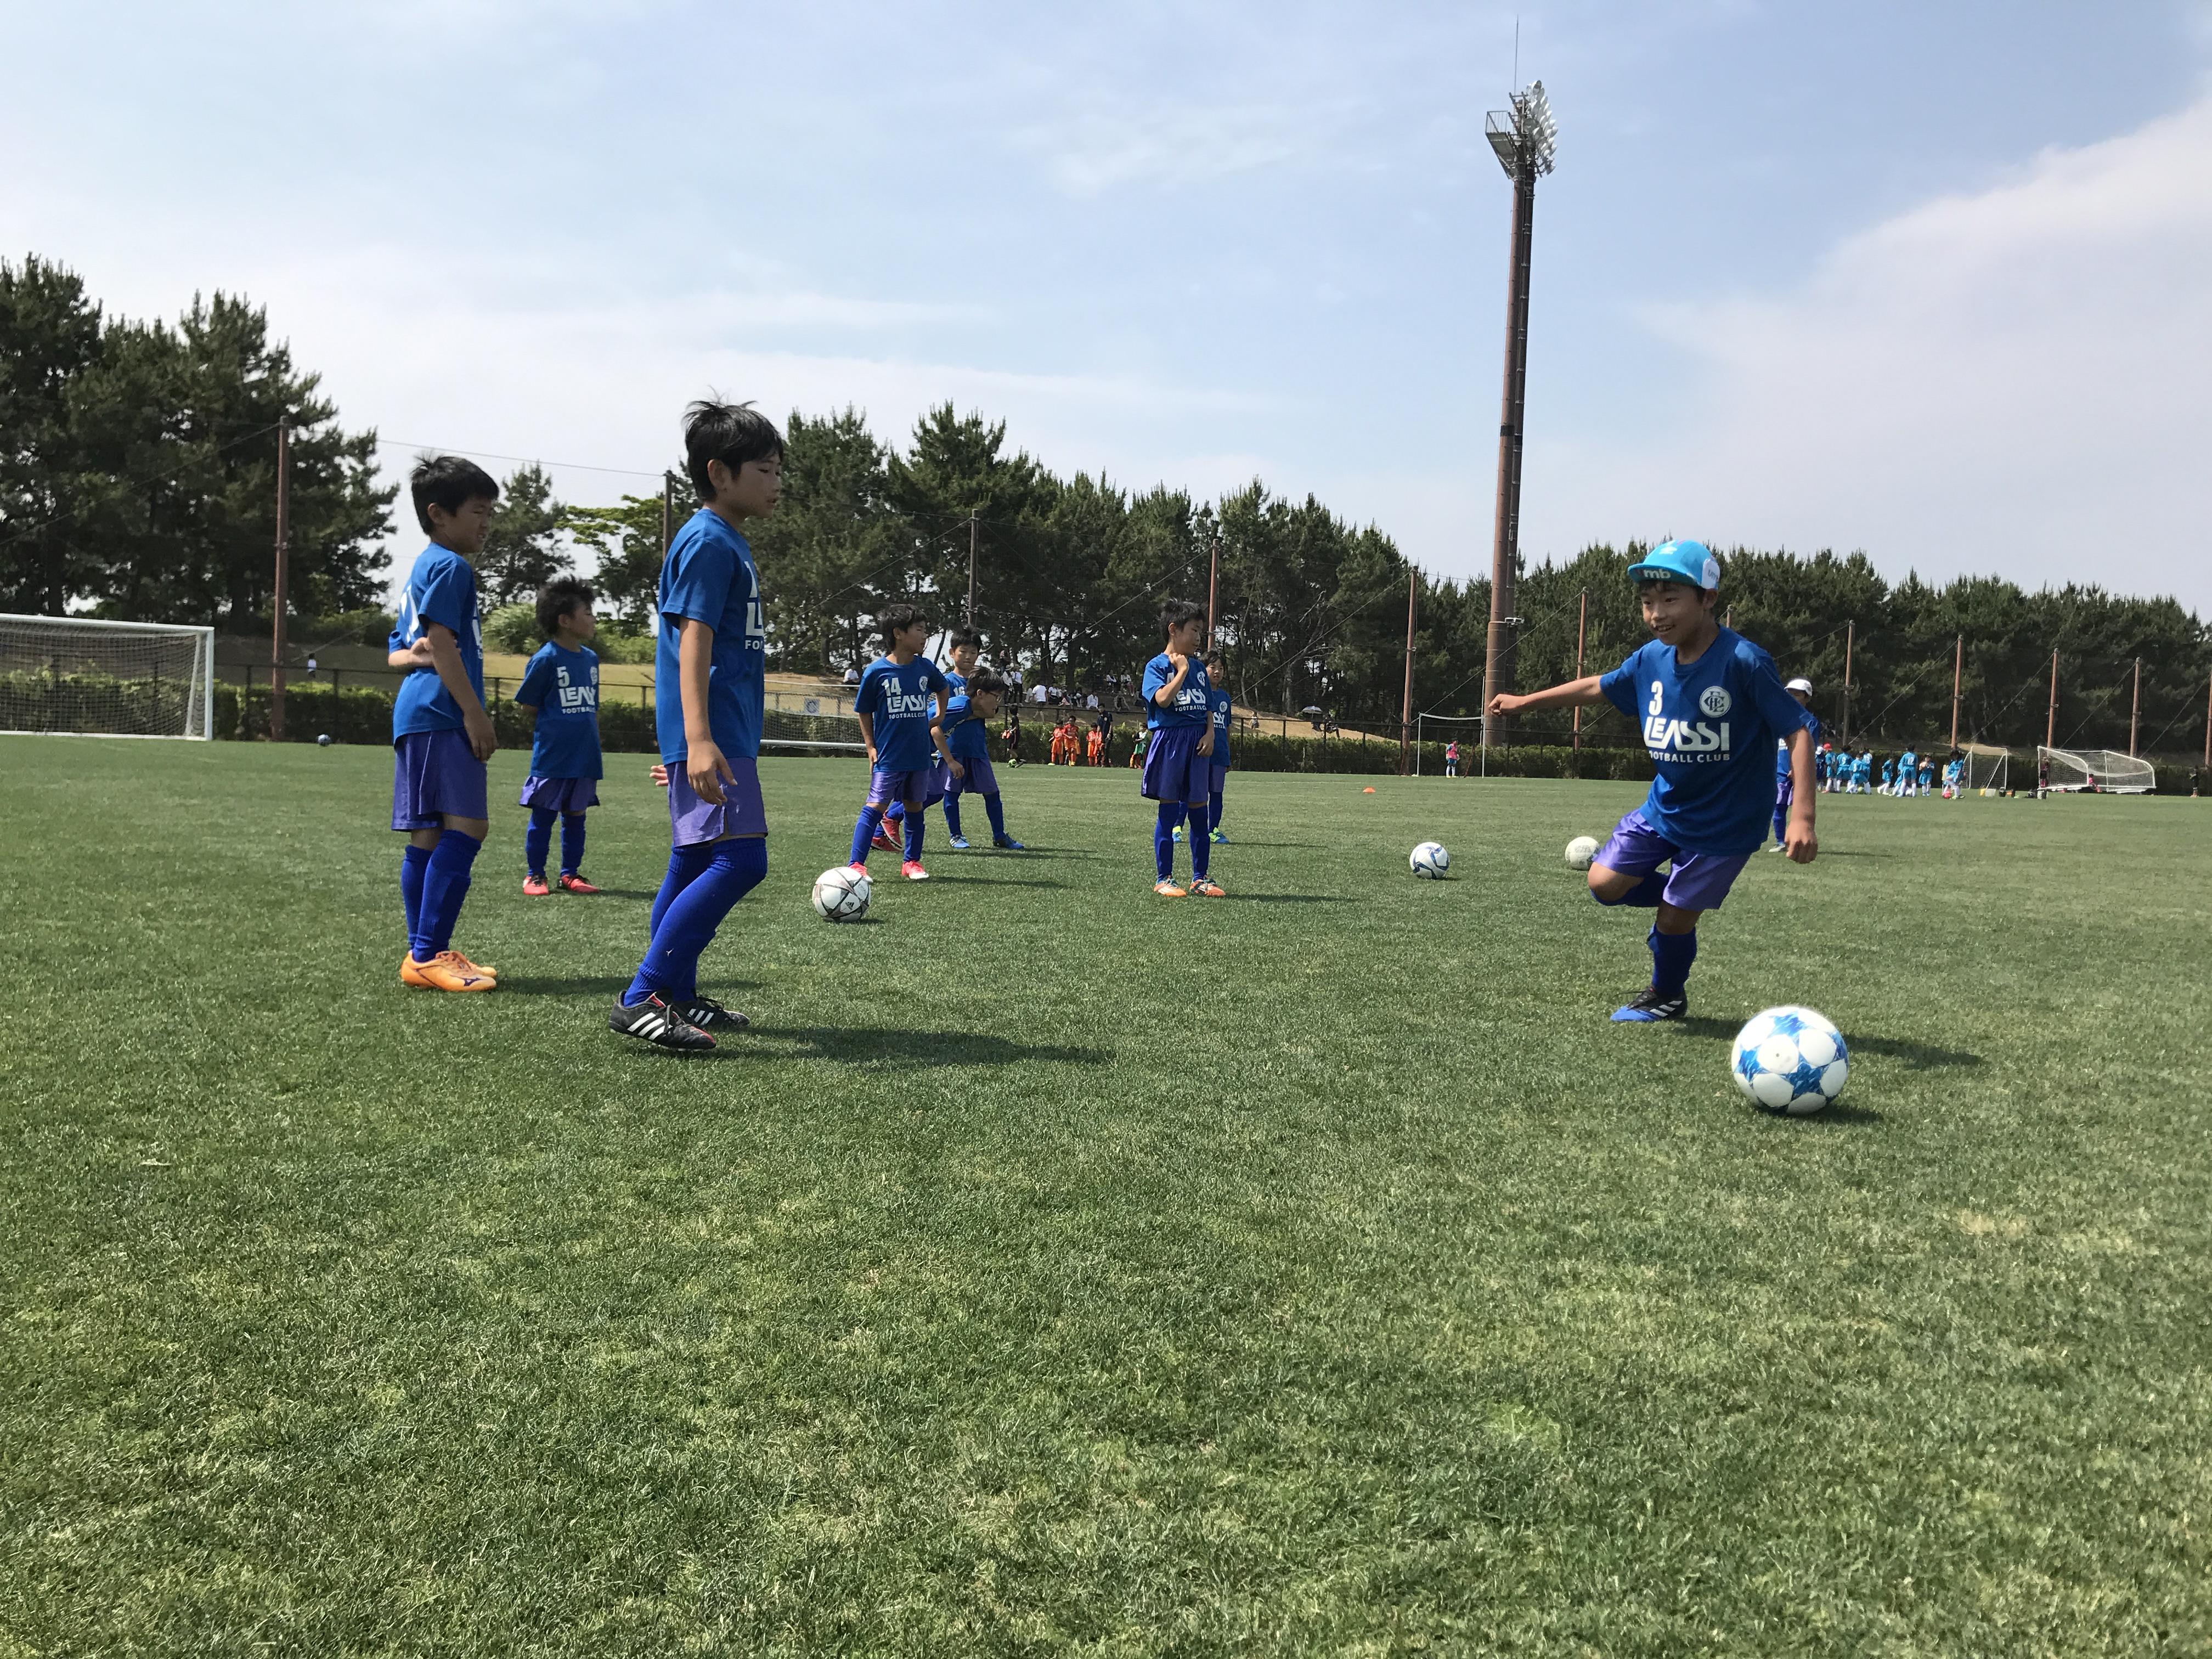 U15 県リーグ3部Bパート VS 田主丸中学校 上位に踏みとどまれるか!!?